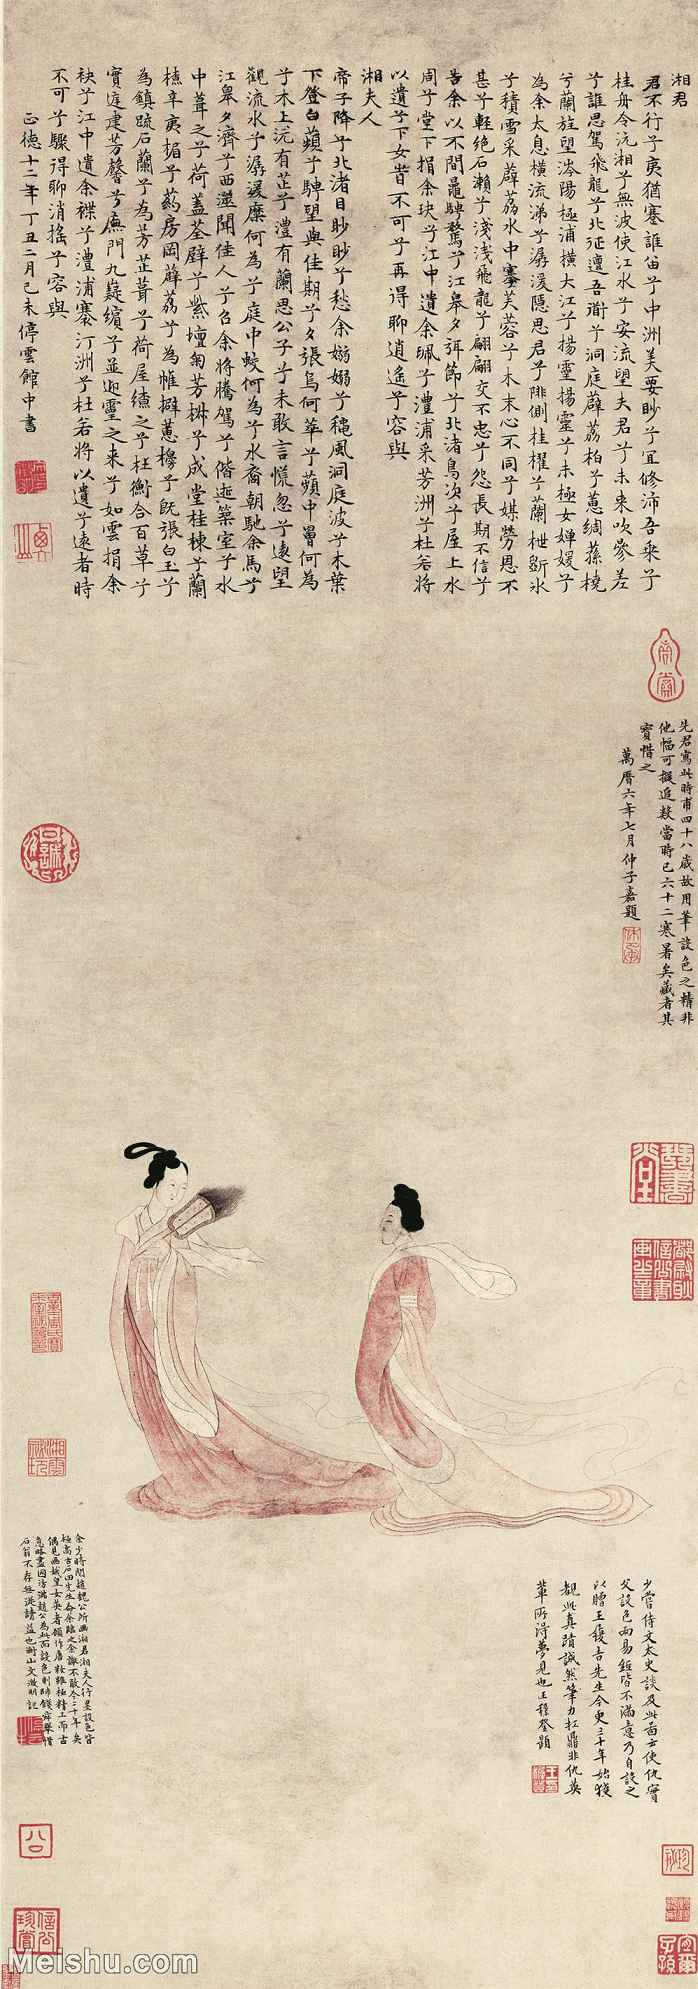 【超顶级】GH6086041古画人物湘君湘夫人图-明-文徵明-纸本-30x85.5-50x142-古典美女仙女仙子立轴图